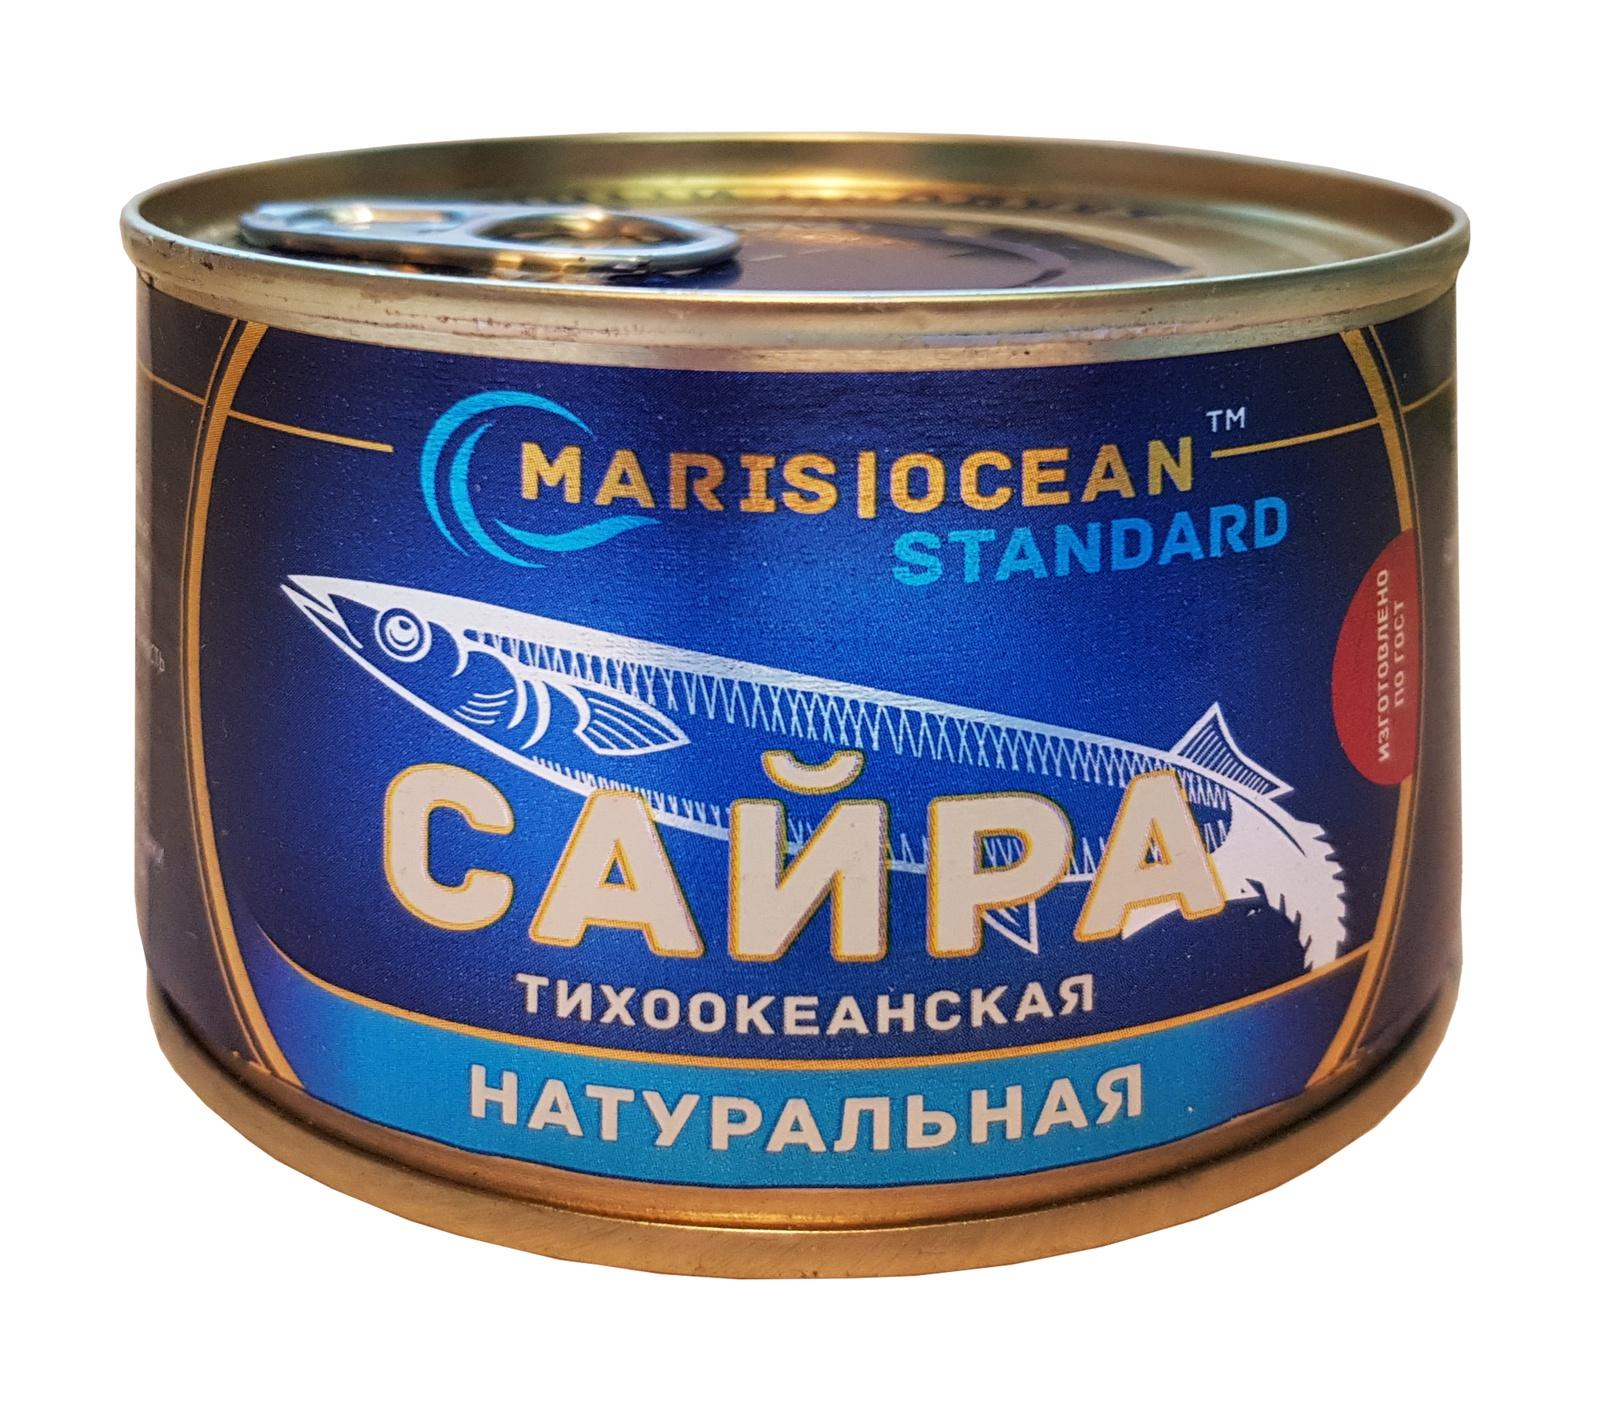 Maris Ocean Сайра тихоокеанская натуральная, 250 г капитан вкусов сайра тихоокеанская 185 г